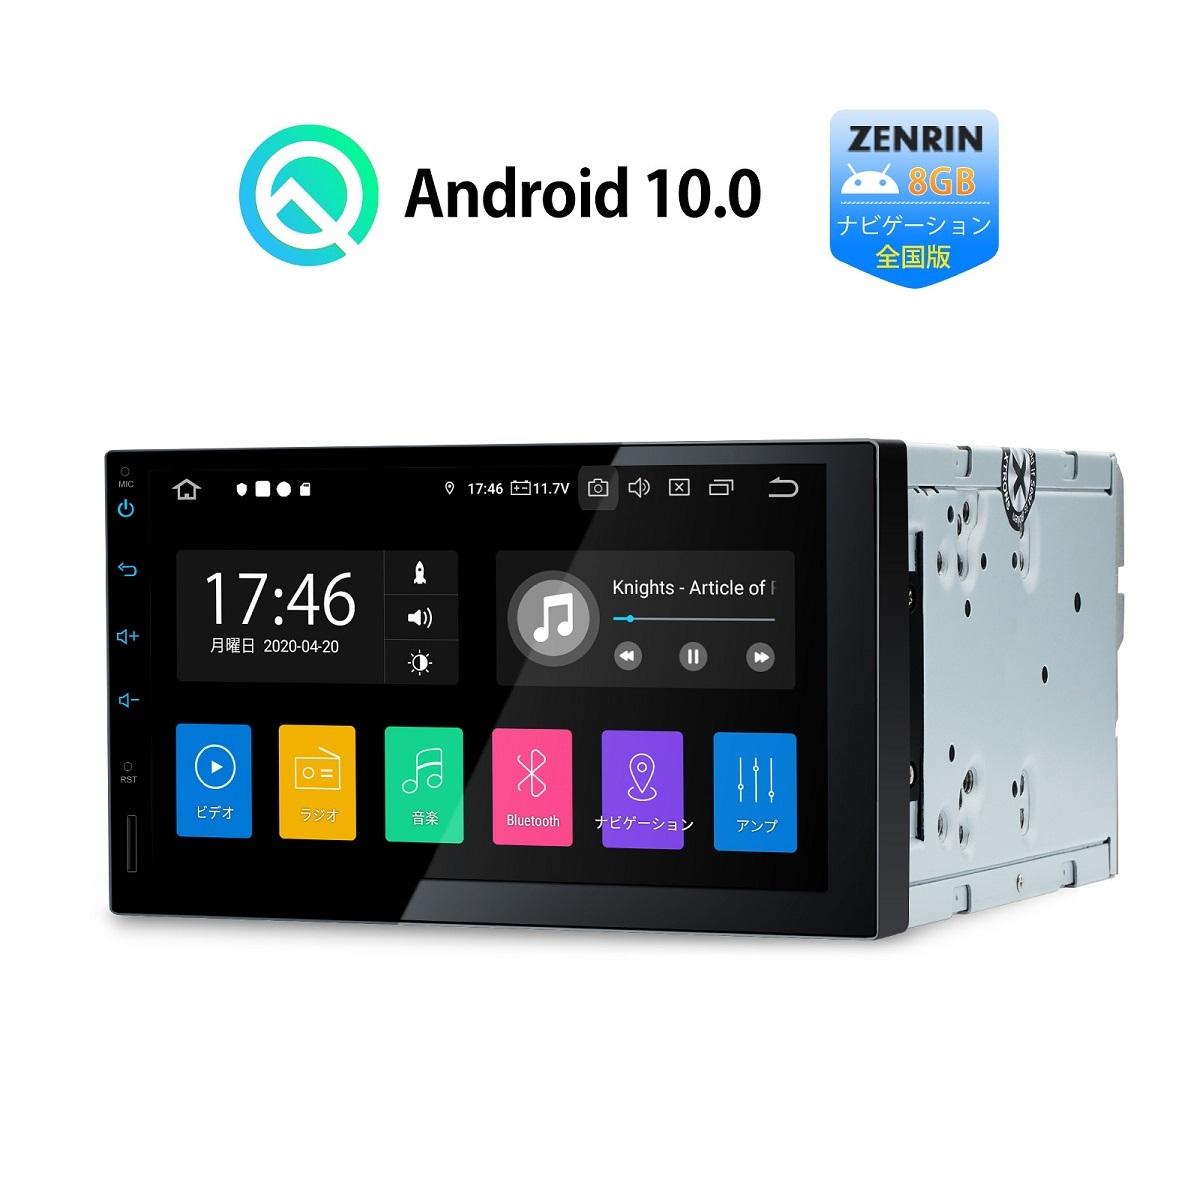 XTRONS カーナビ 2DIN Android9.0 一体型 車載PC 7インチ ゼンリン地図 4G GPS WIFI Bluetooth ミラーリング マルチウィンドウ USB SD バックカメラ付(TA710L)